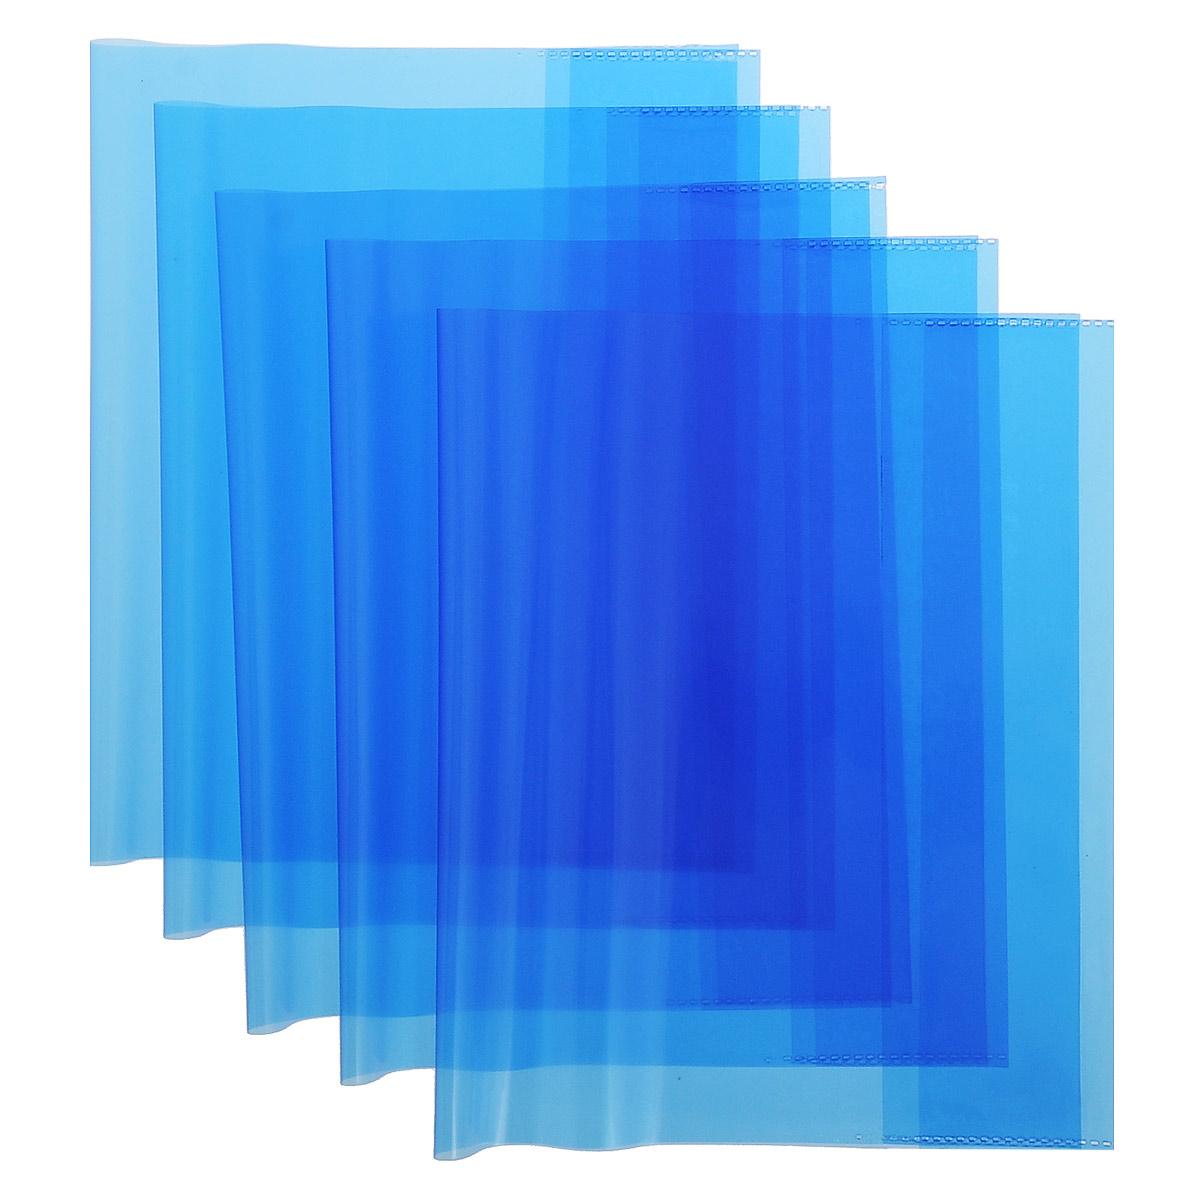 Набор обложек для тетрадей и дневников Action, цвет: синий, 21 см х 34,6 см, 5 штABC010/5_синийНабор обложек для тетрадей и дневников Action предназначены для защиты тетрадей, дневников от пыли, грязи и механических повреждений. С прозрачными клапанами. Рекомендовано для детей старше трех лет.